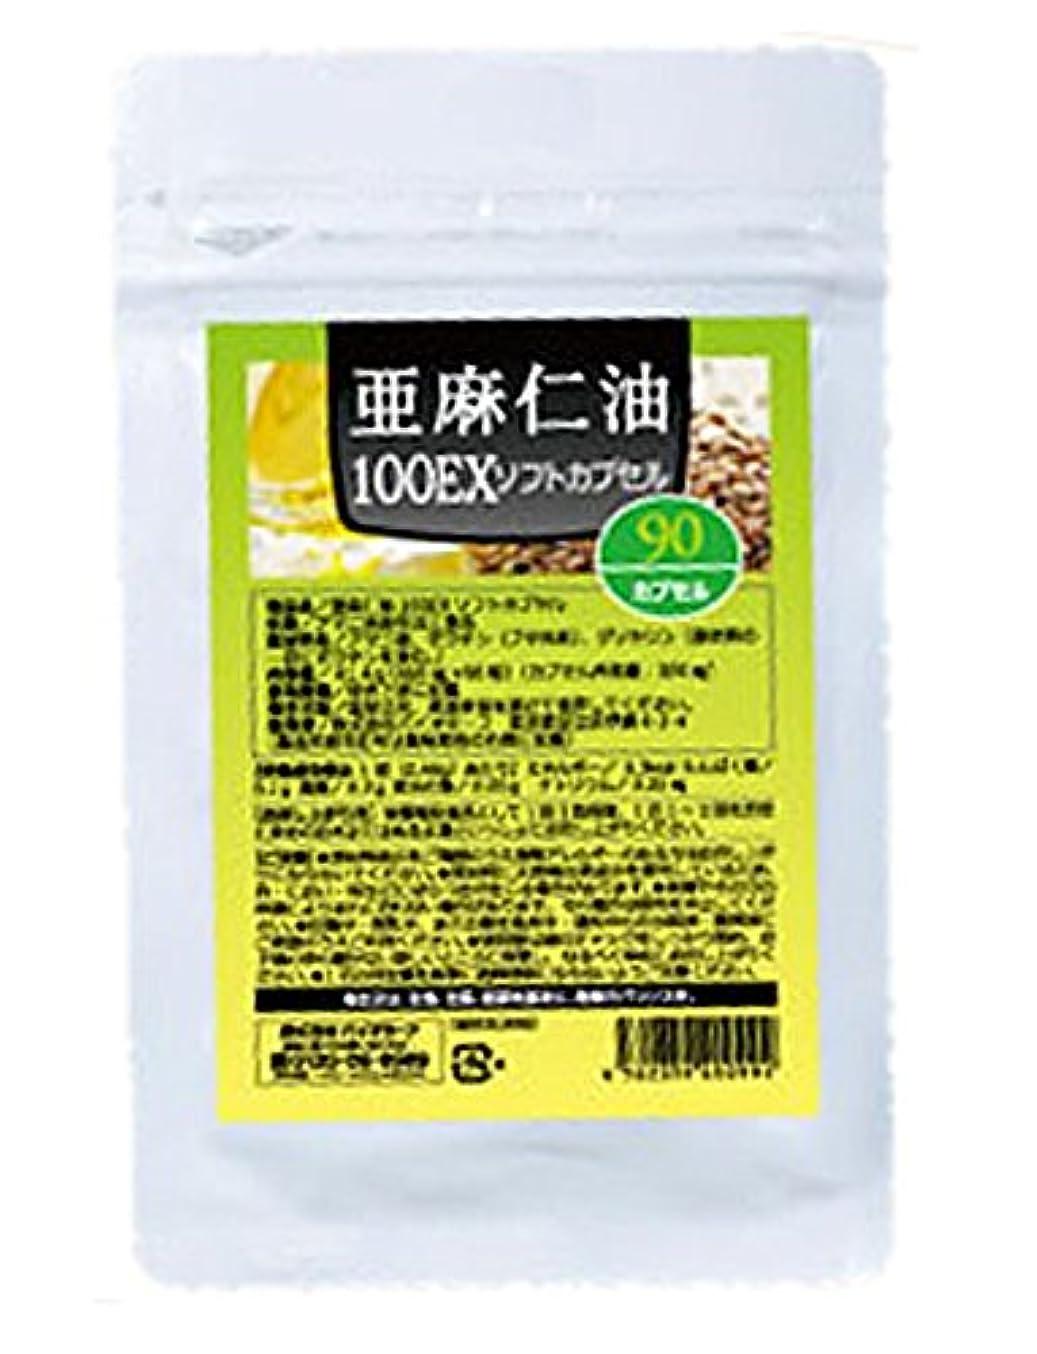 カリング敬意を表する後退する亜麻仁油100EXソフトカプセル 90粒入